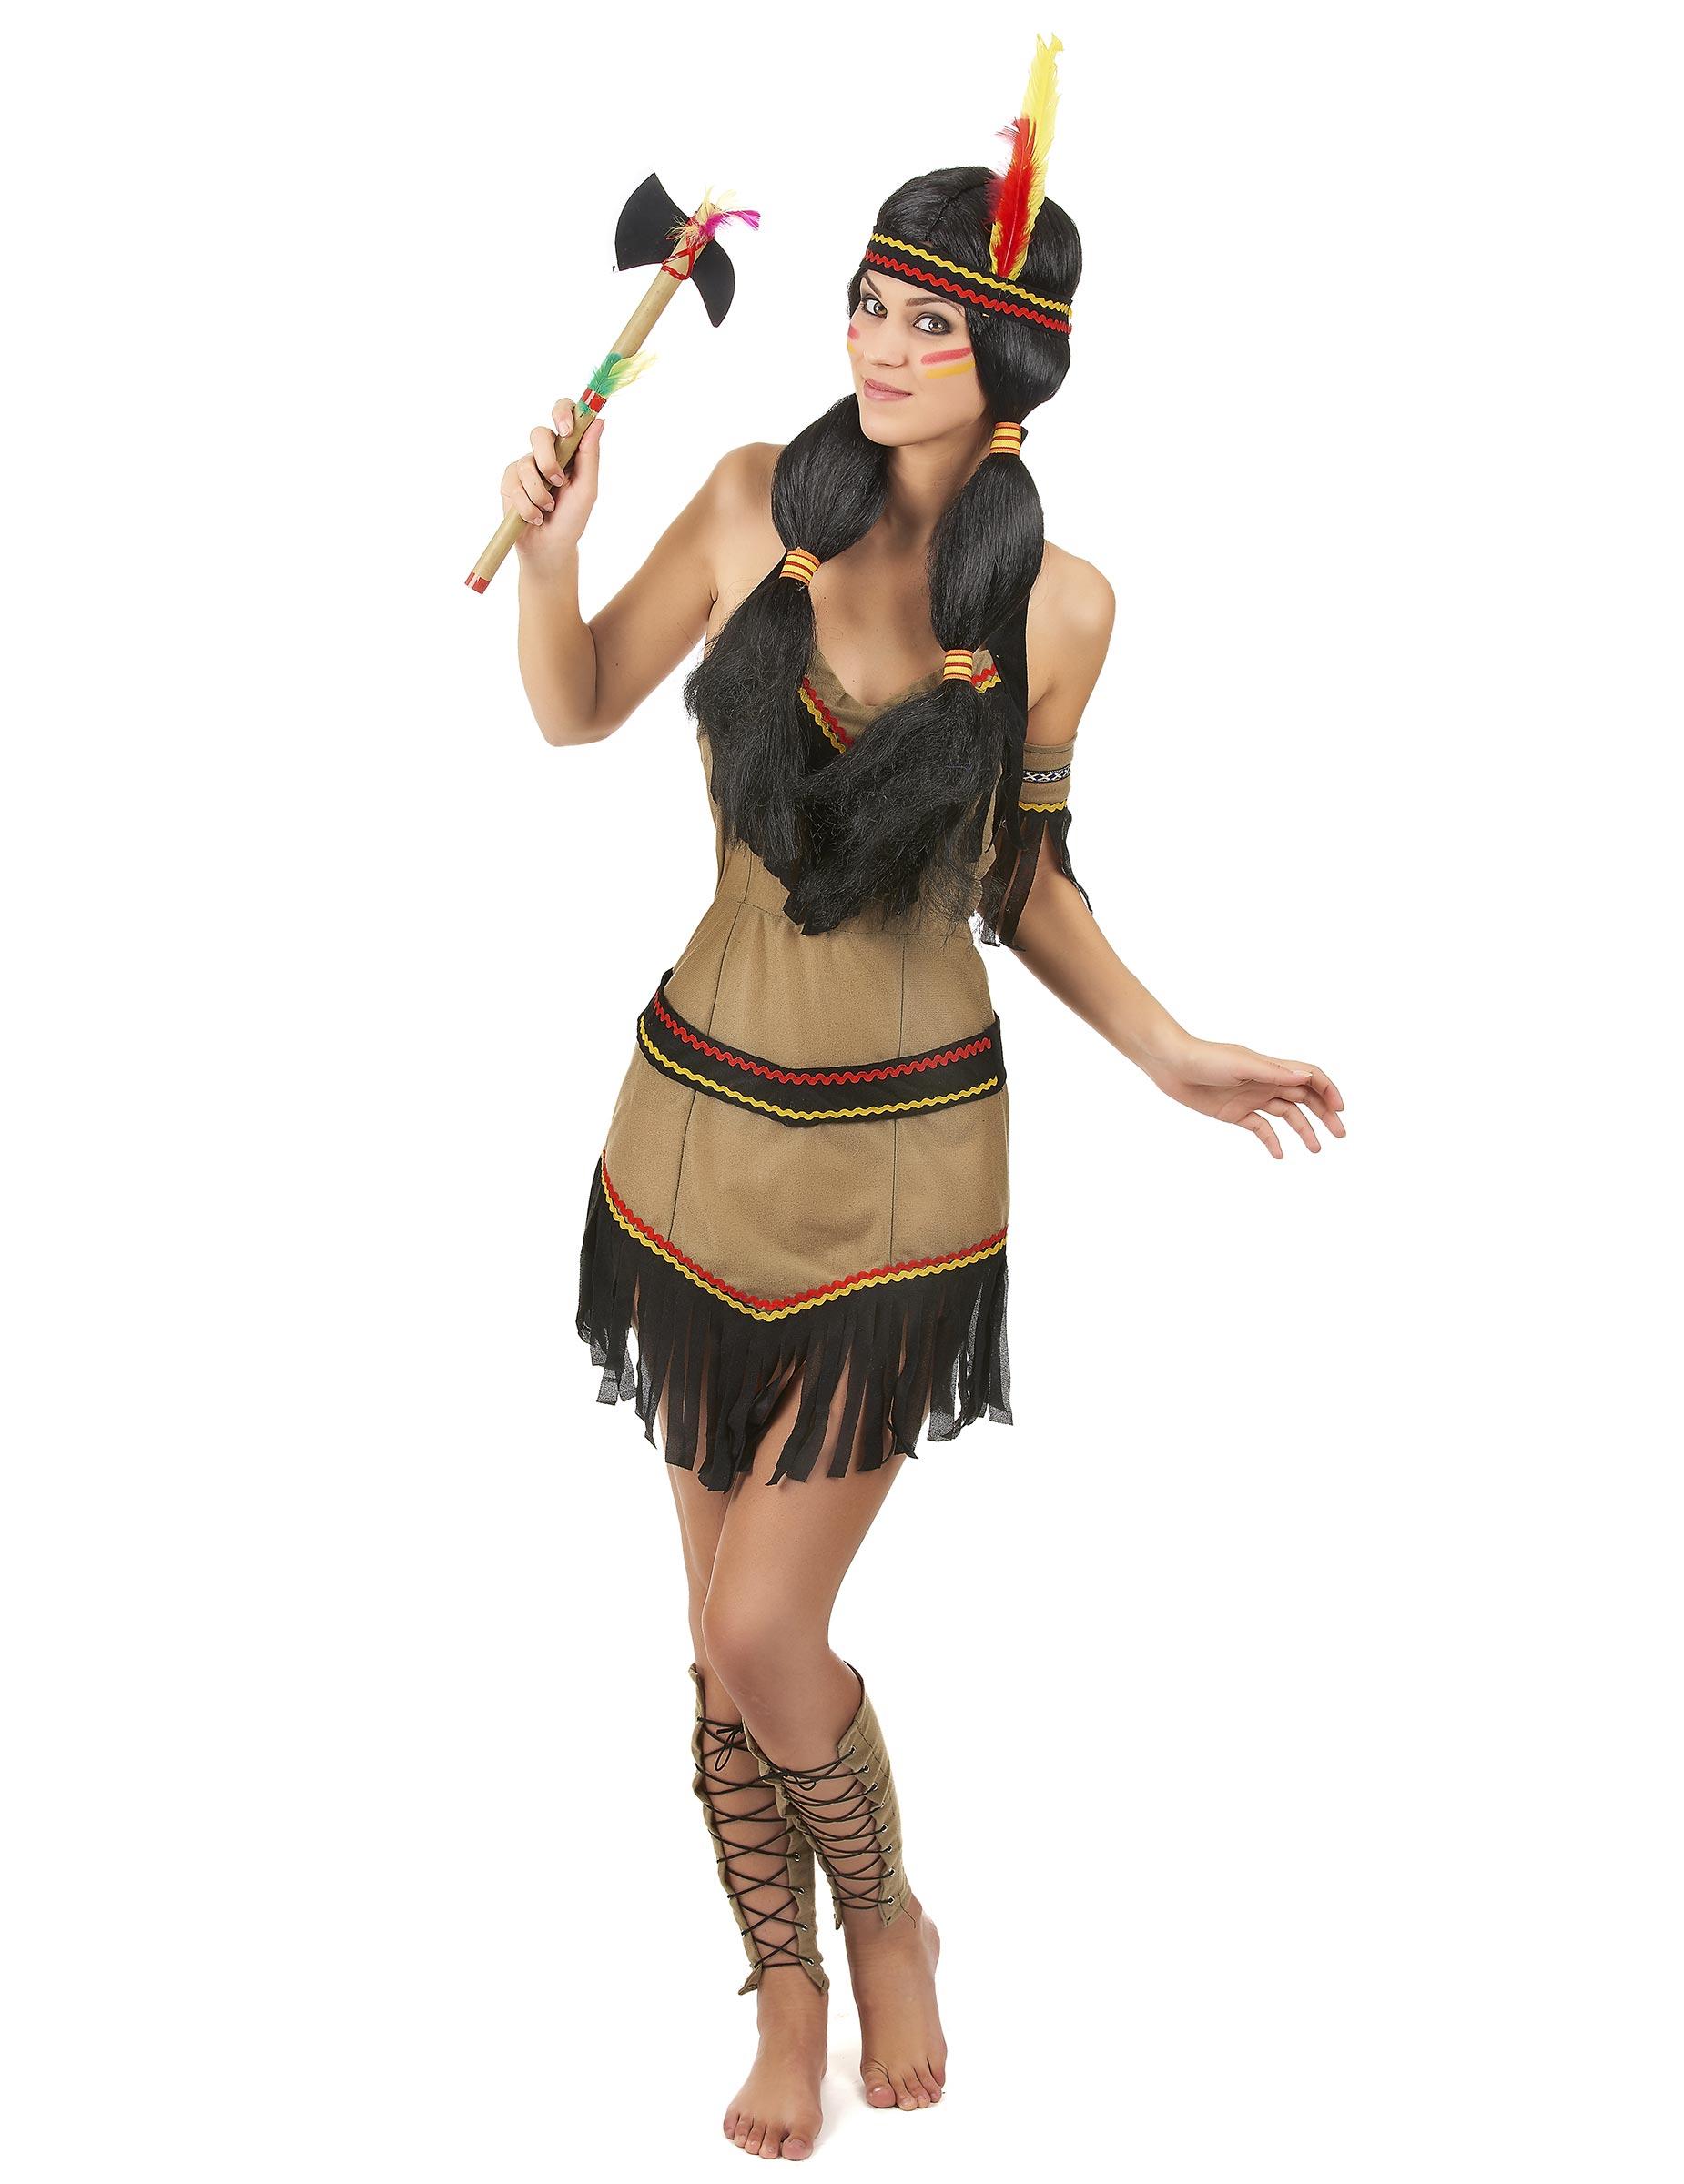 337f5de25012 Vestiti di Carnevale donna a prezzi da urlo - Vegaoo.it